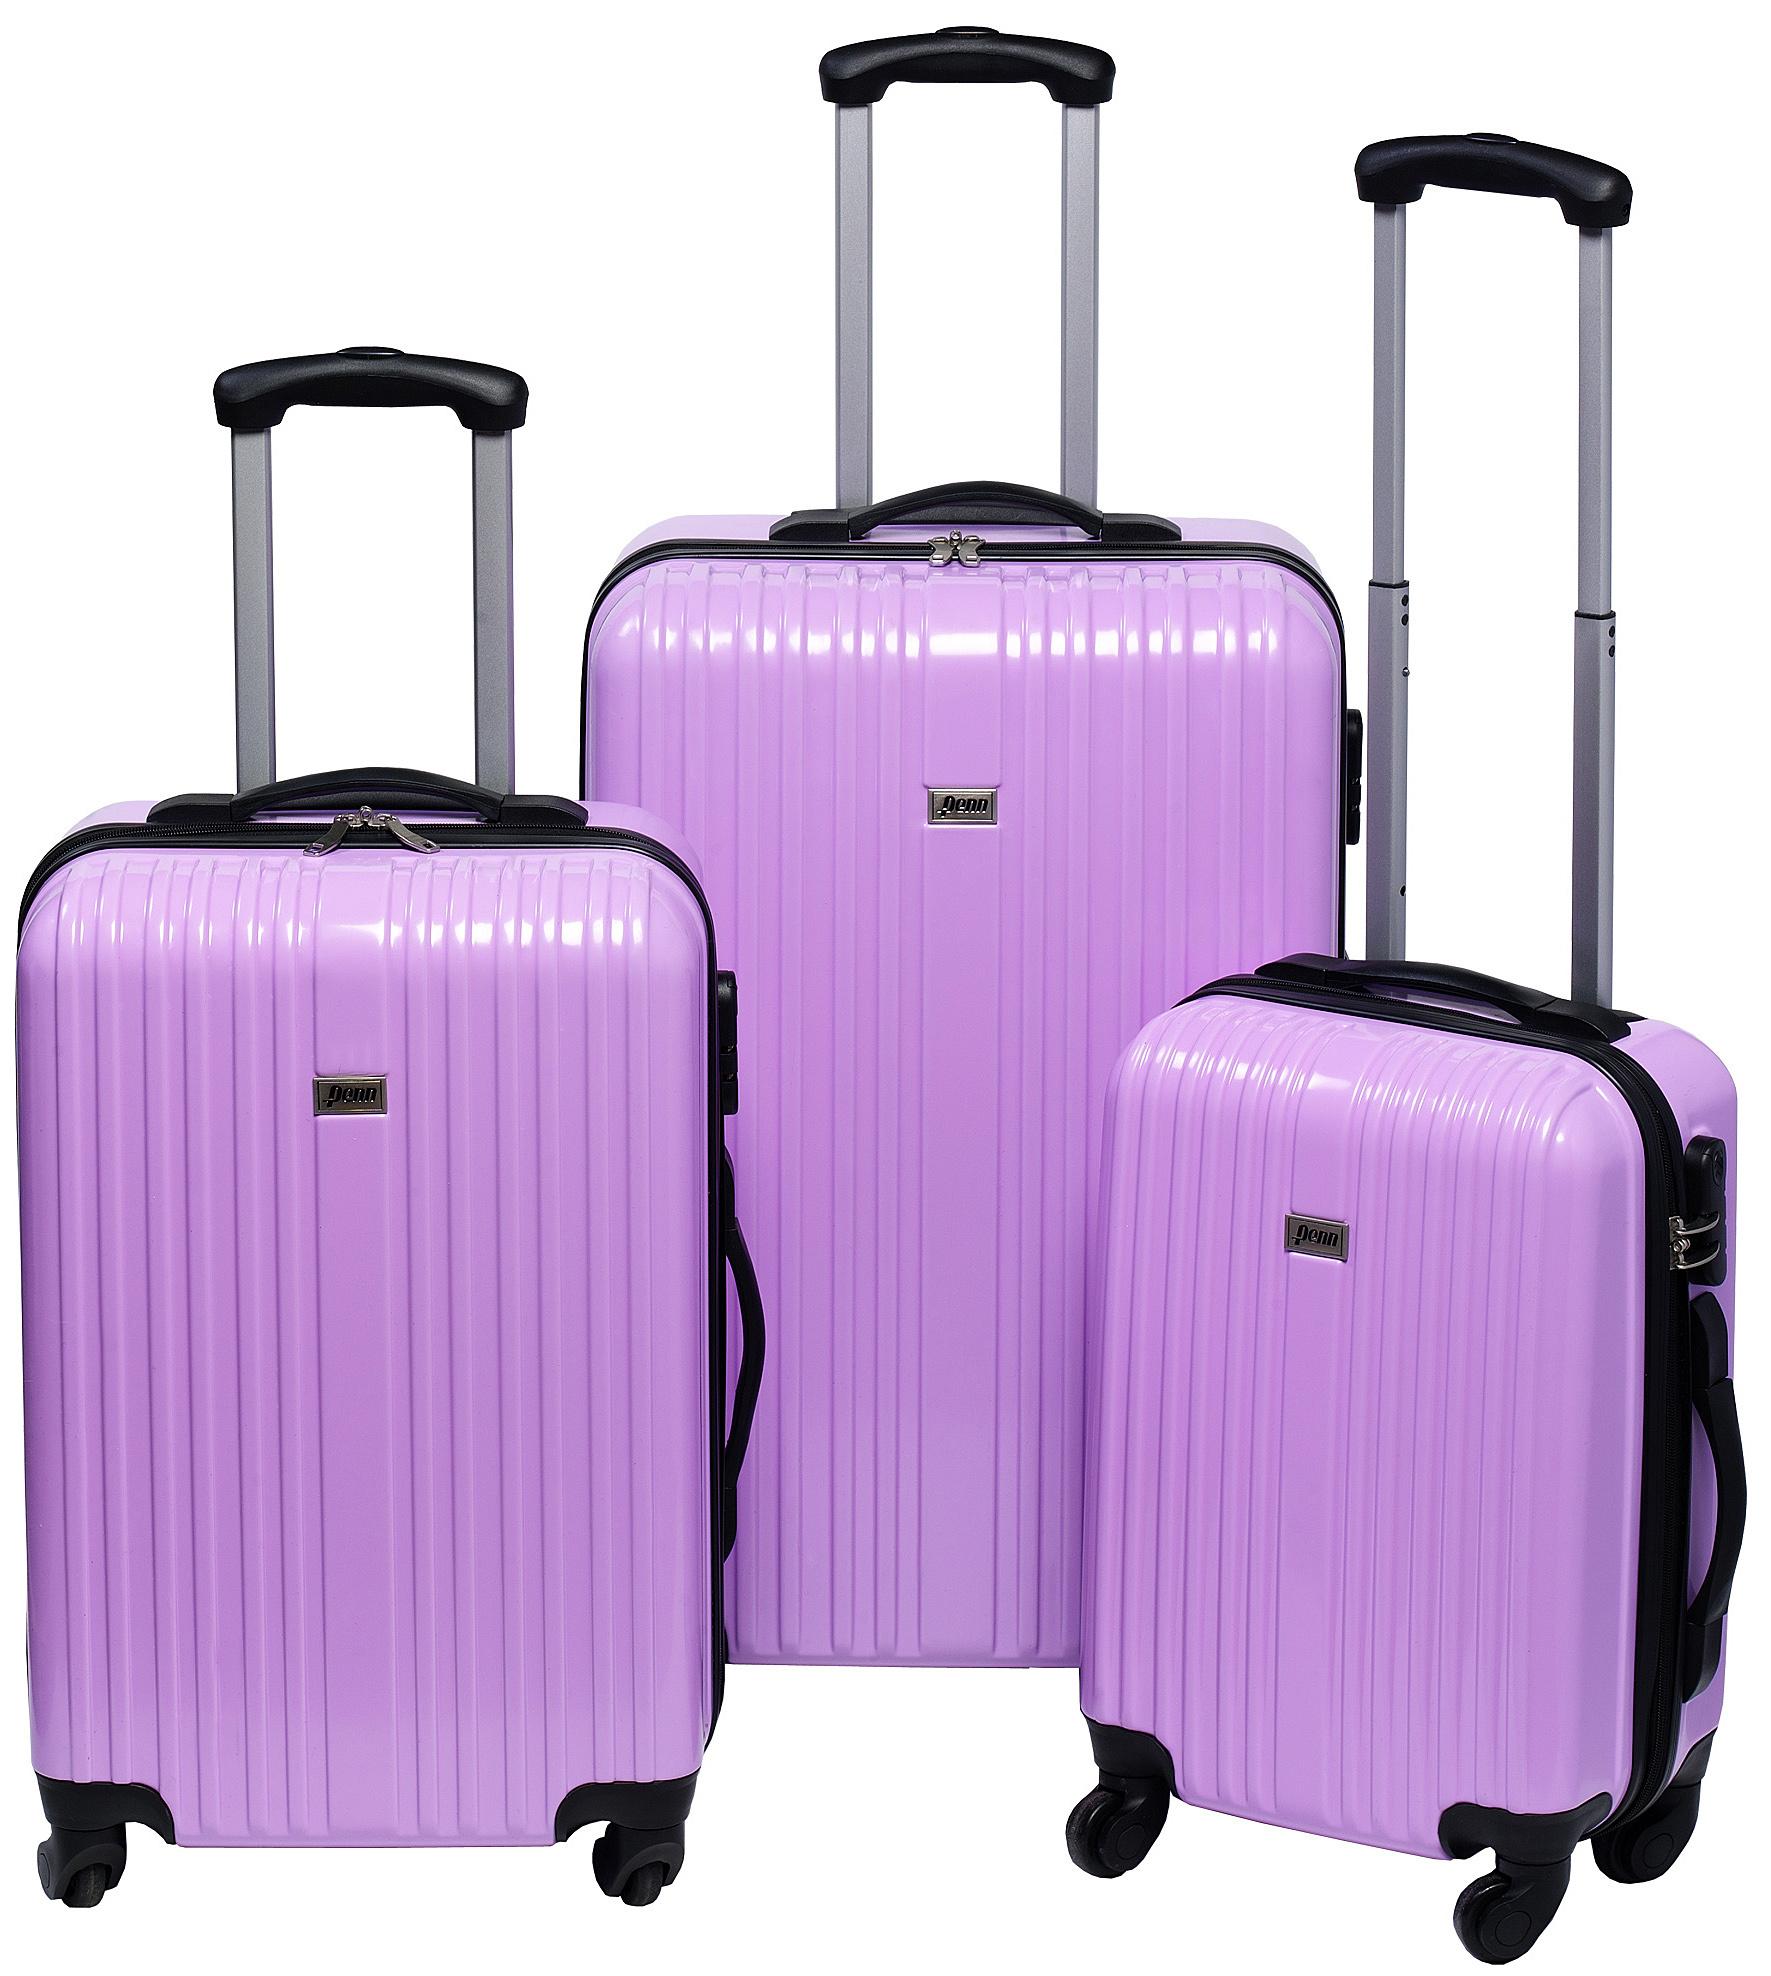 Trolleyset ABS pastel paars (3 dlg)